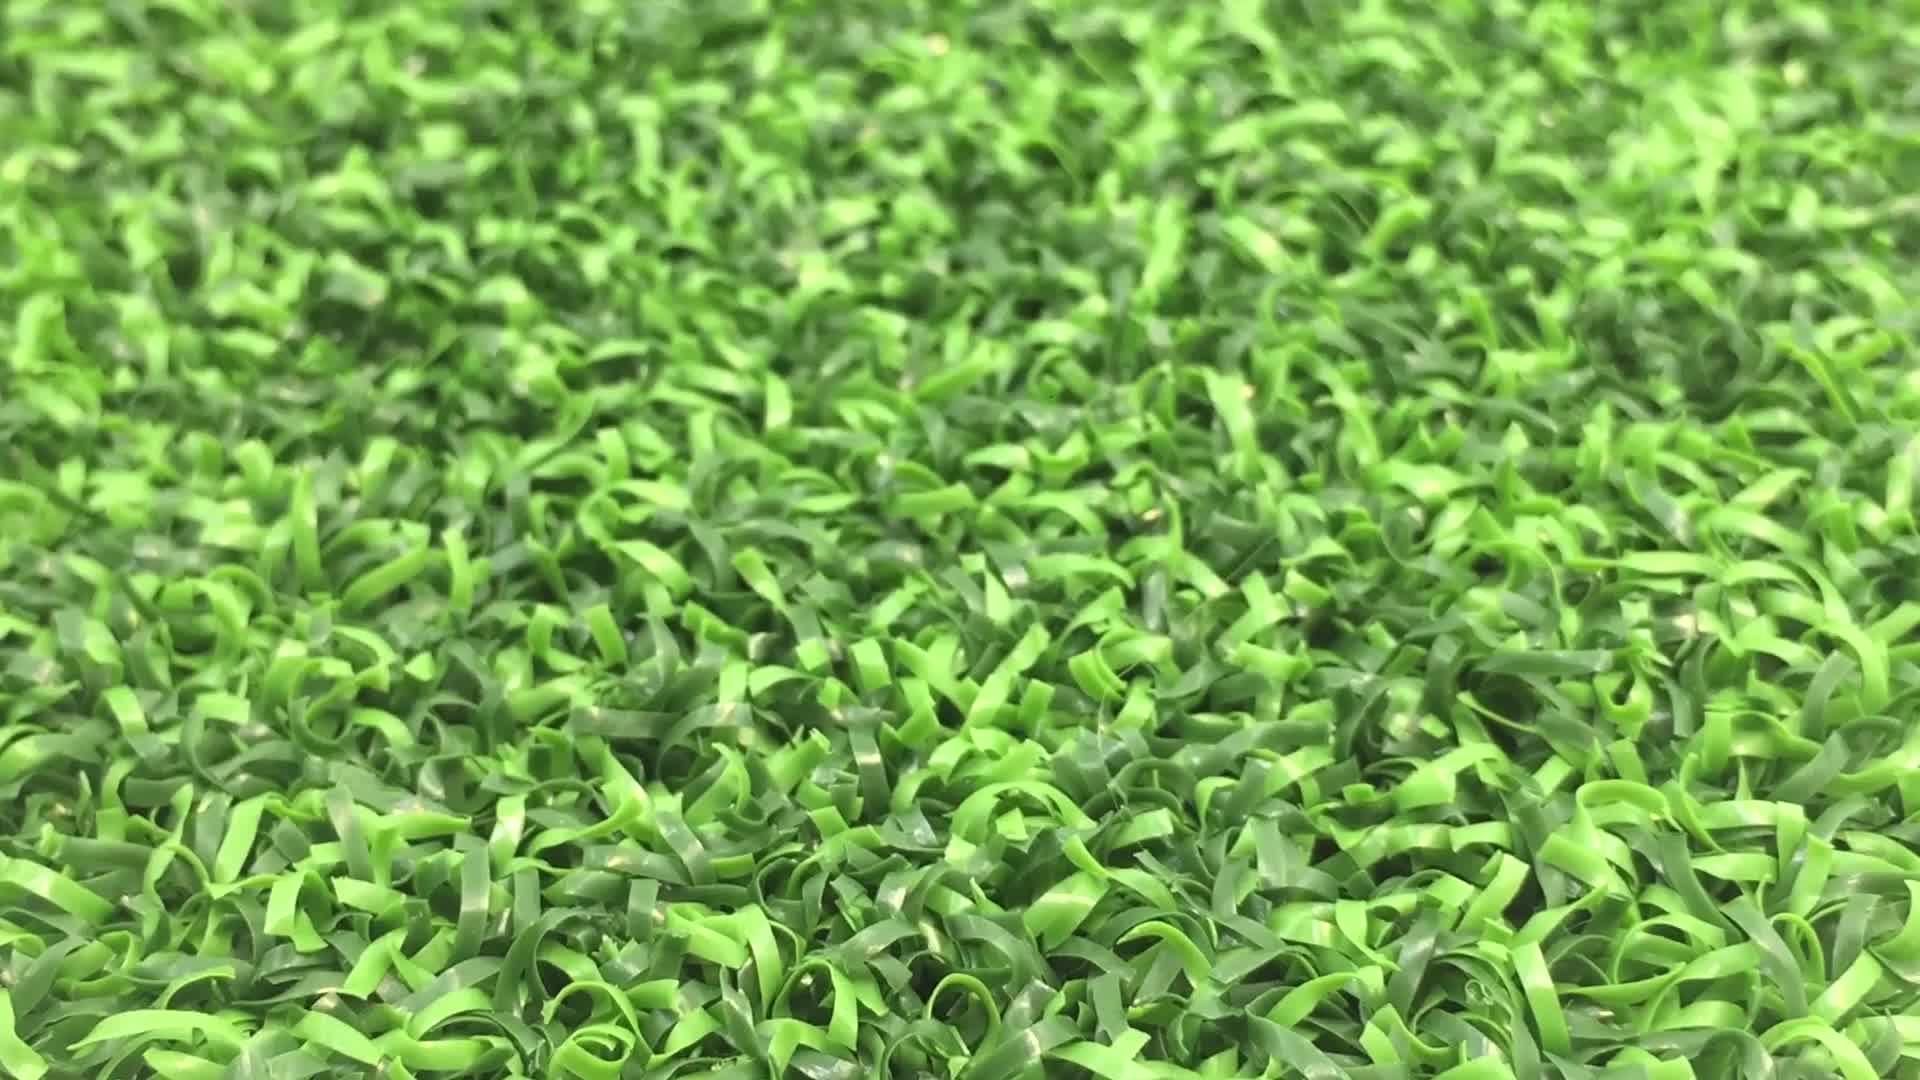 Sport Giardino Artificiale Erba Migliore Erba Sintetica di spessore Tappeto Erboso Artificiale